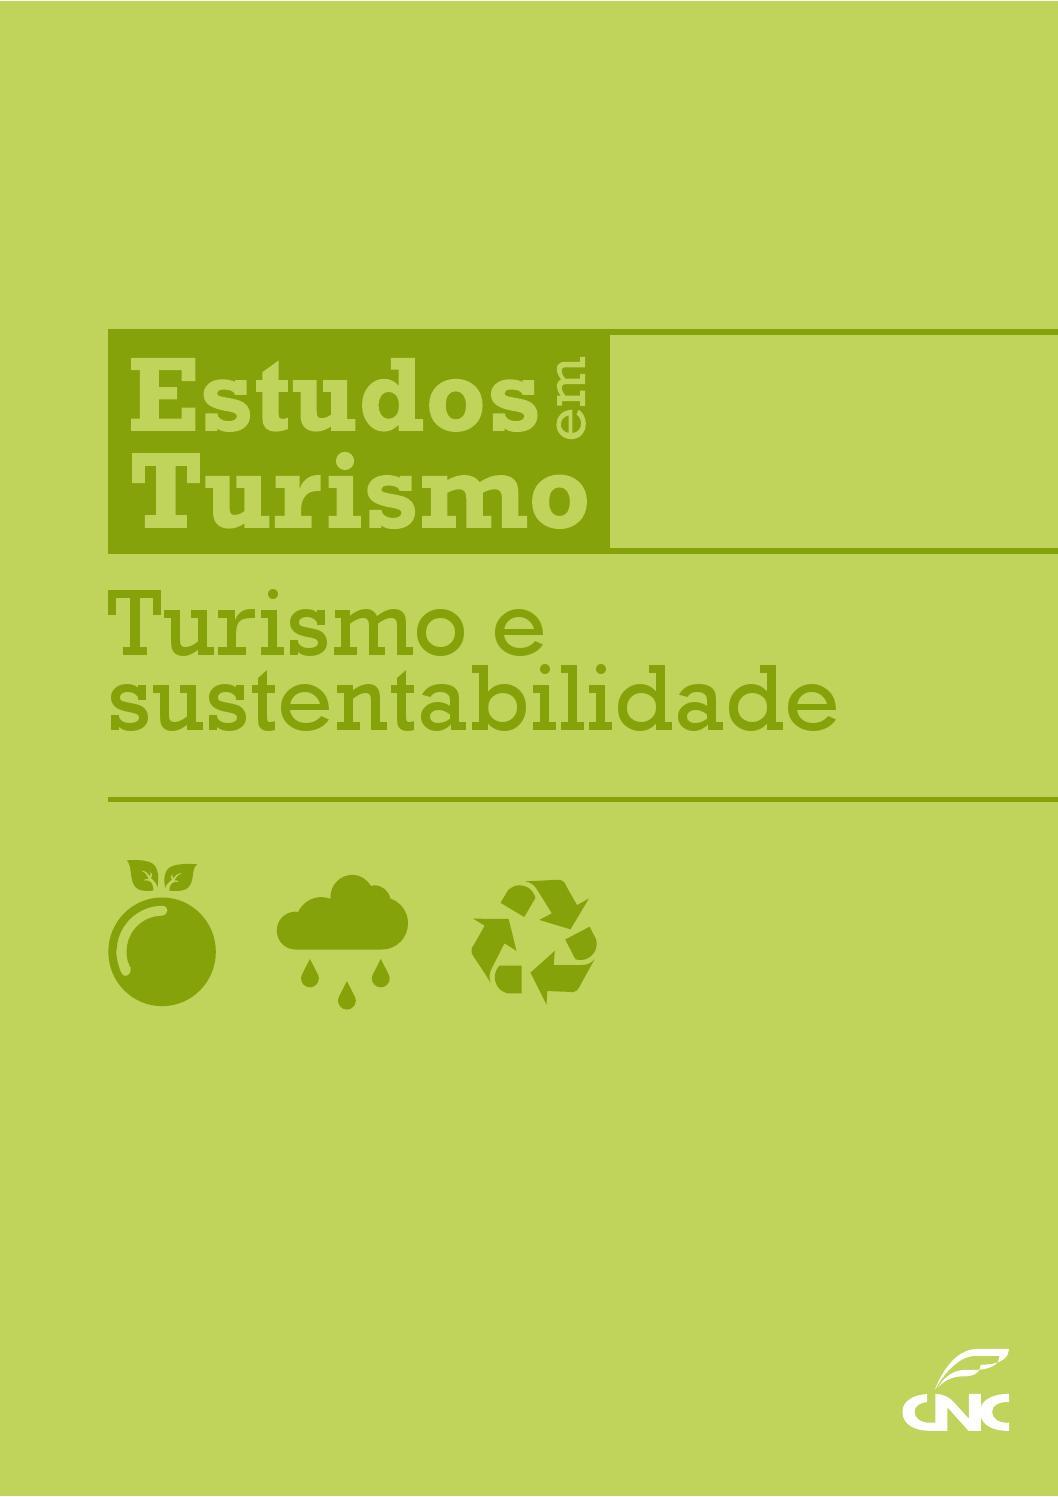 d9cfa1754b1 estudos em turismo turismo e sustentabilidade by Abeoc Nacional - issuu